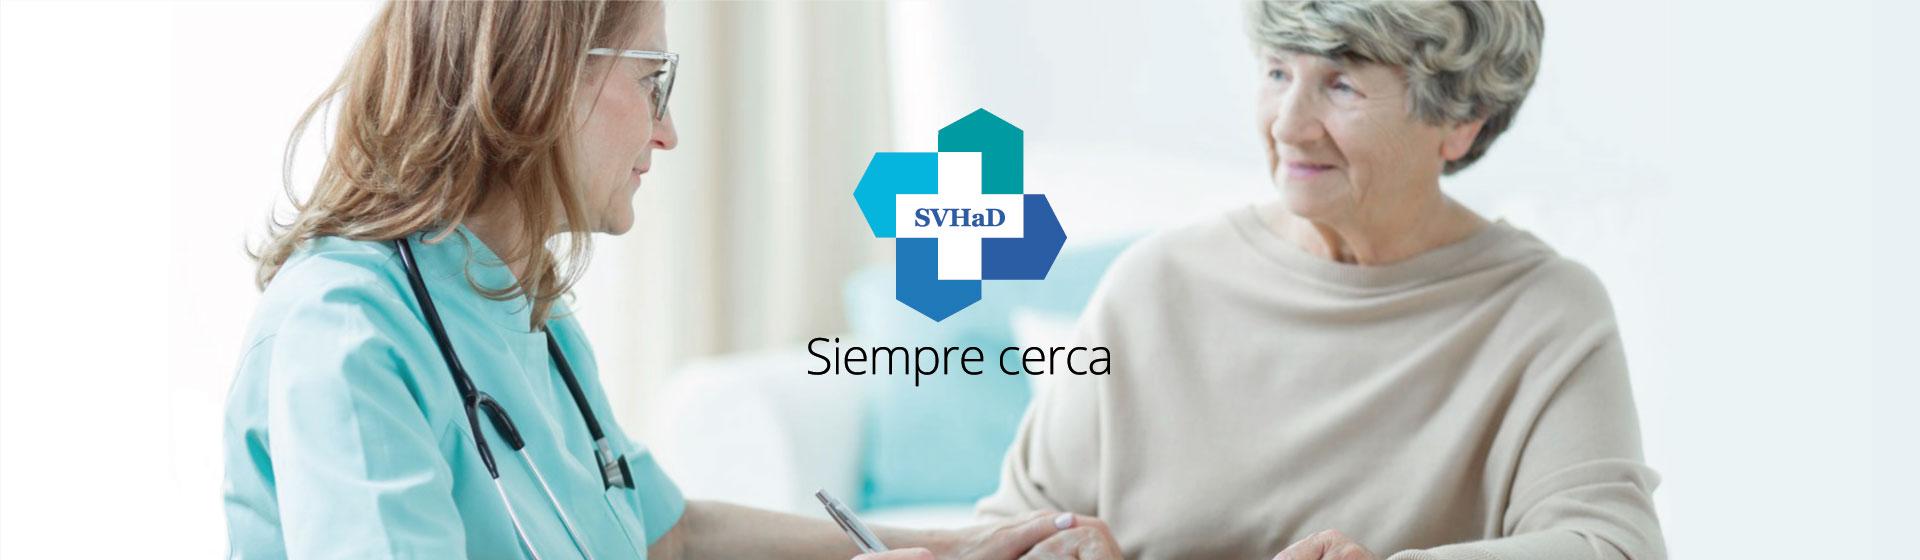 Nuestras UHD. Sociedad Valenciana de Hospital a Domicilio.